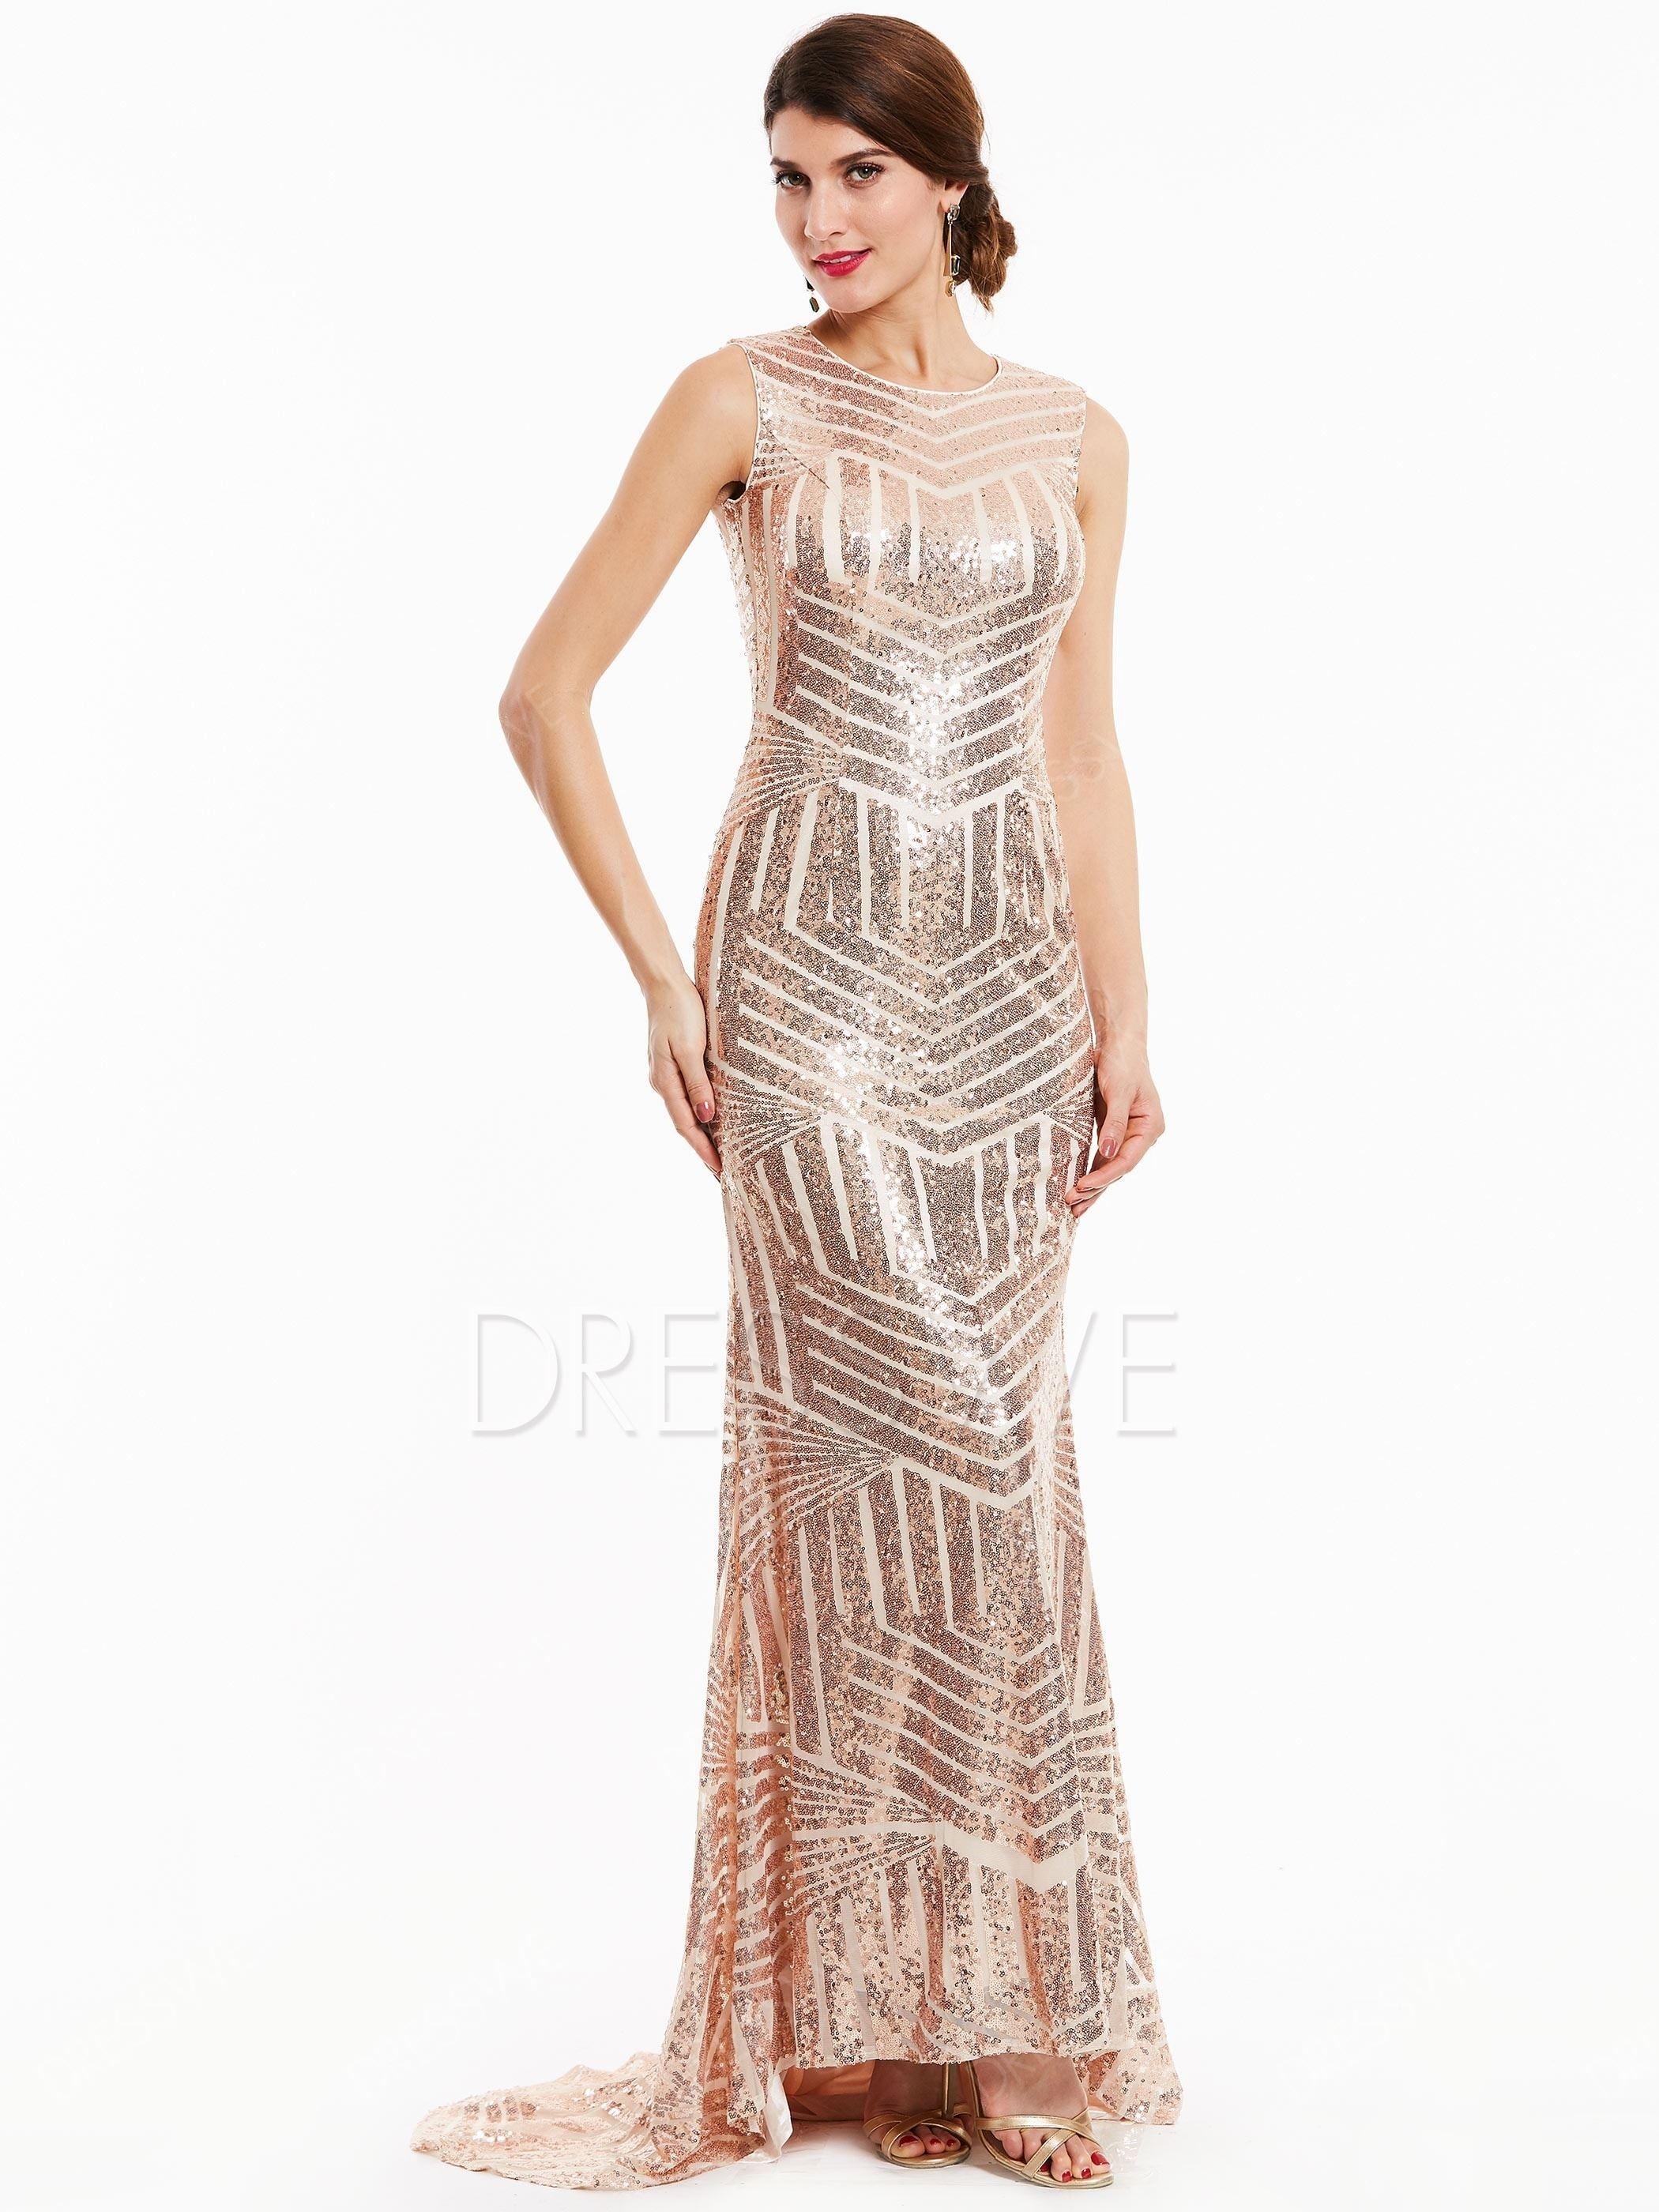 12 Schön Rückenfreie Abendkleider Stylish - Abendkleid